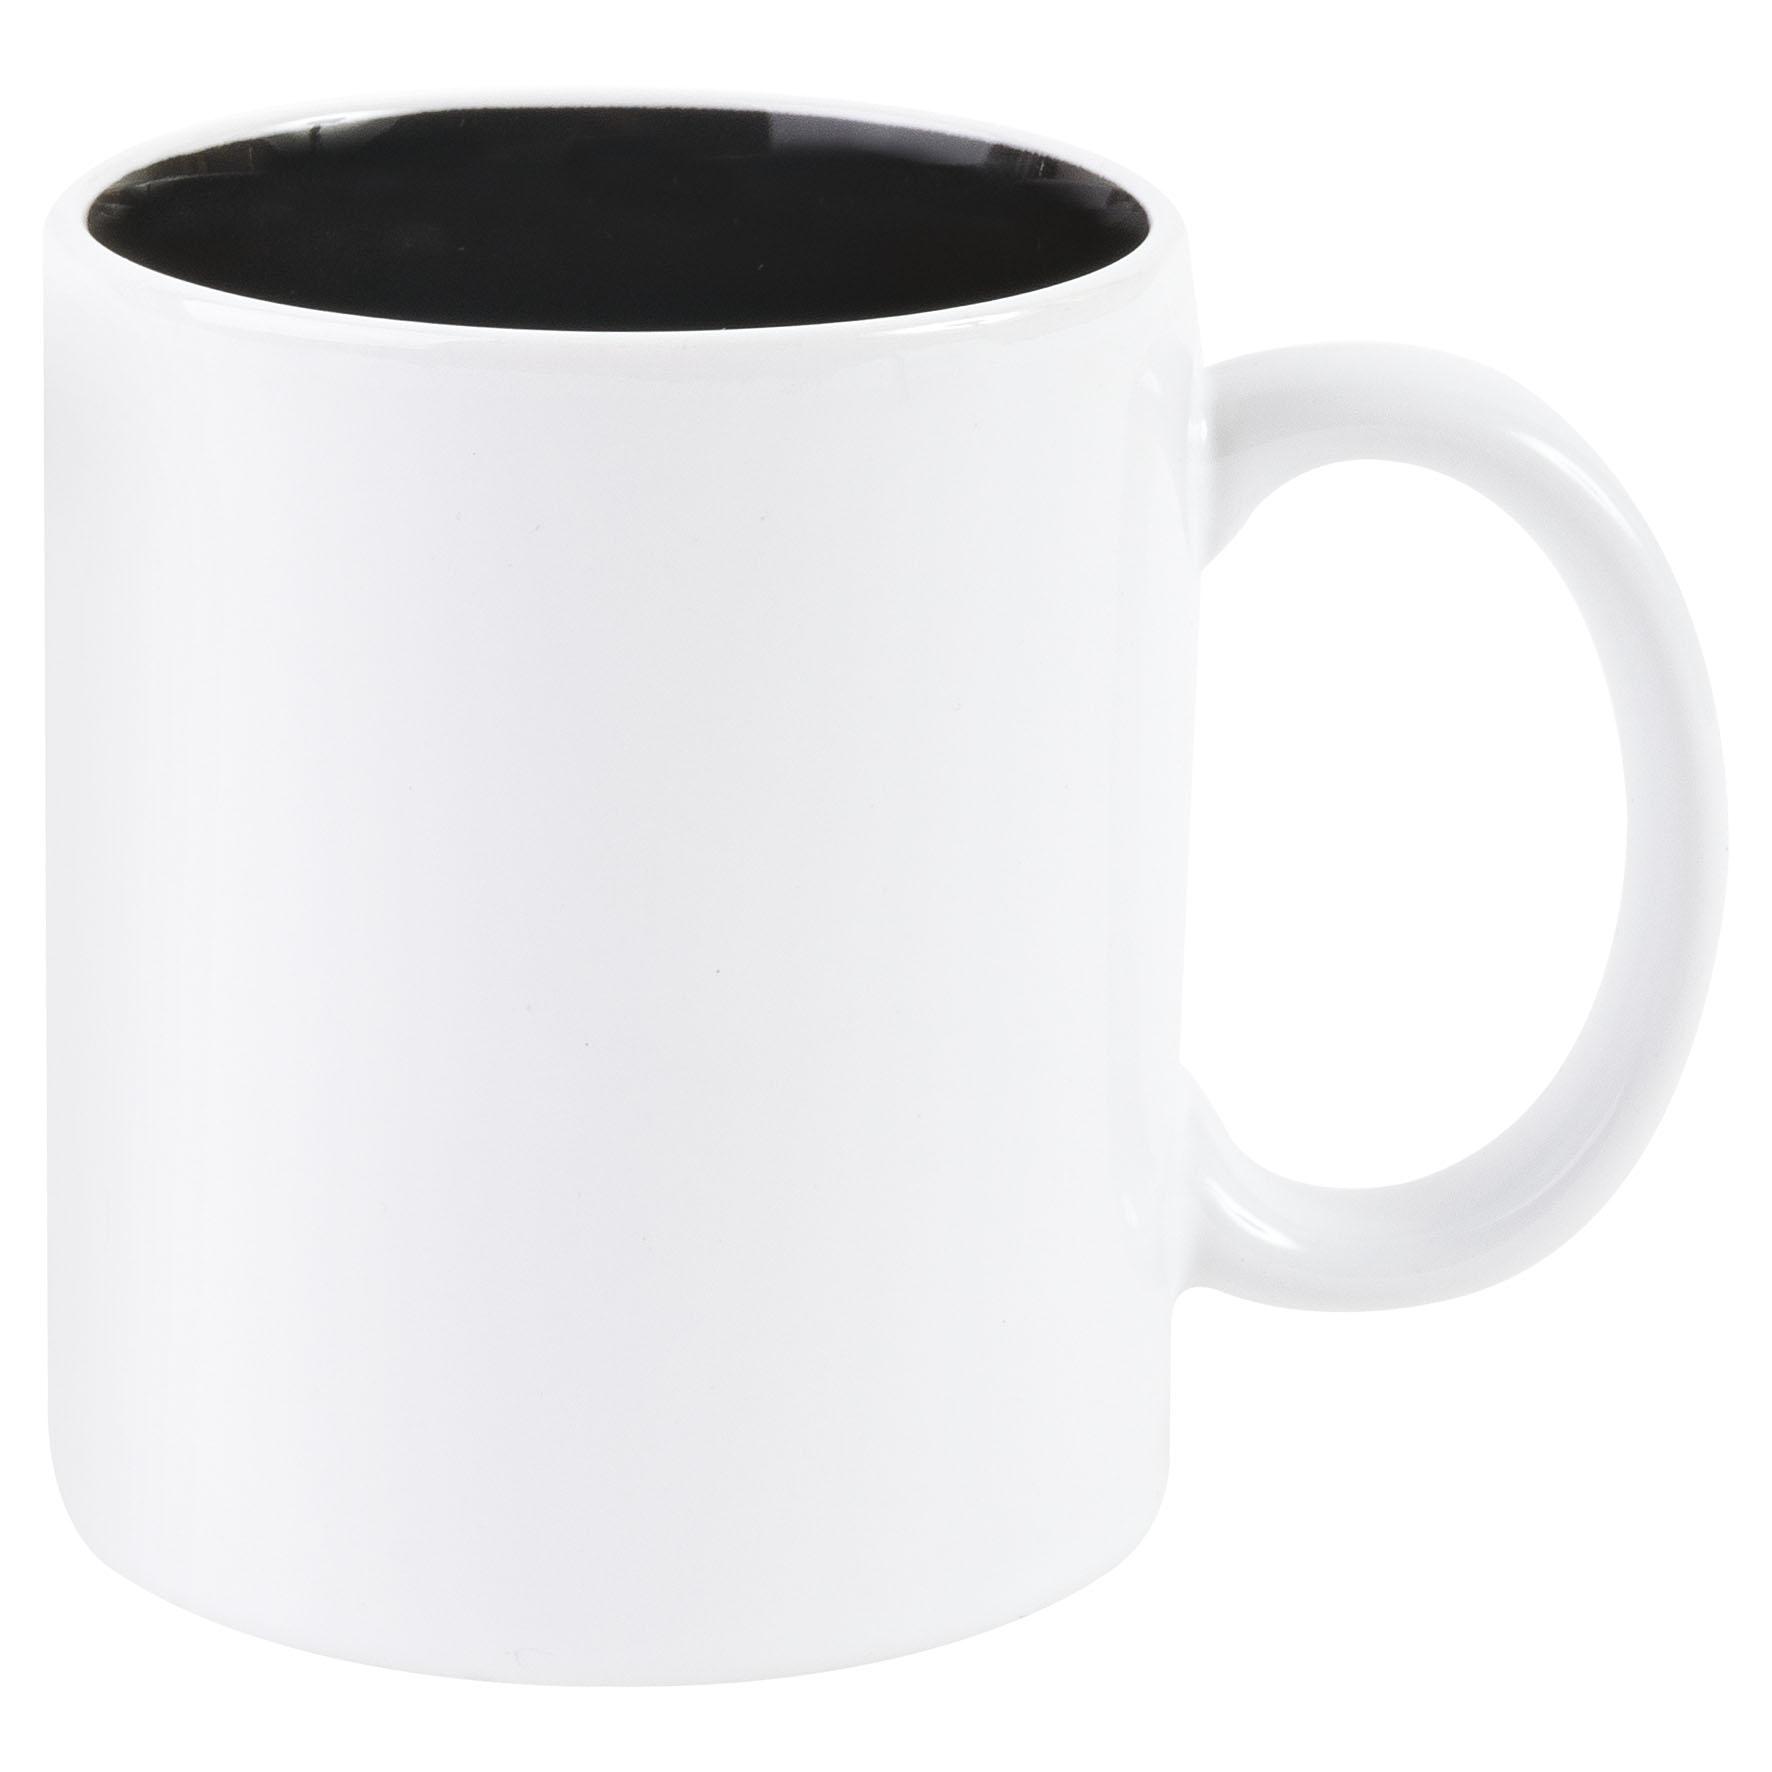 Mug publicitaire Bicolore pour sublimation 31 cl - mug personnalisable  - rouge